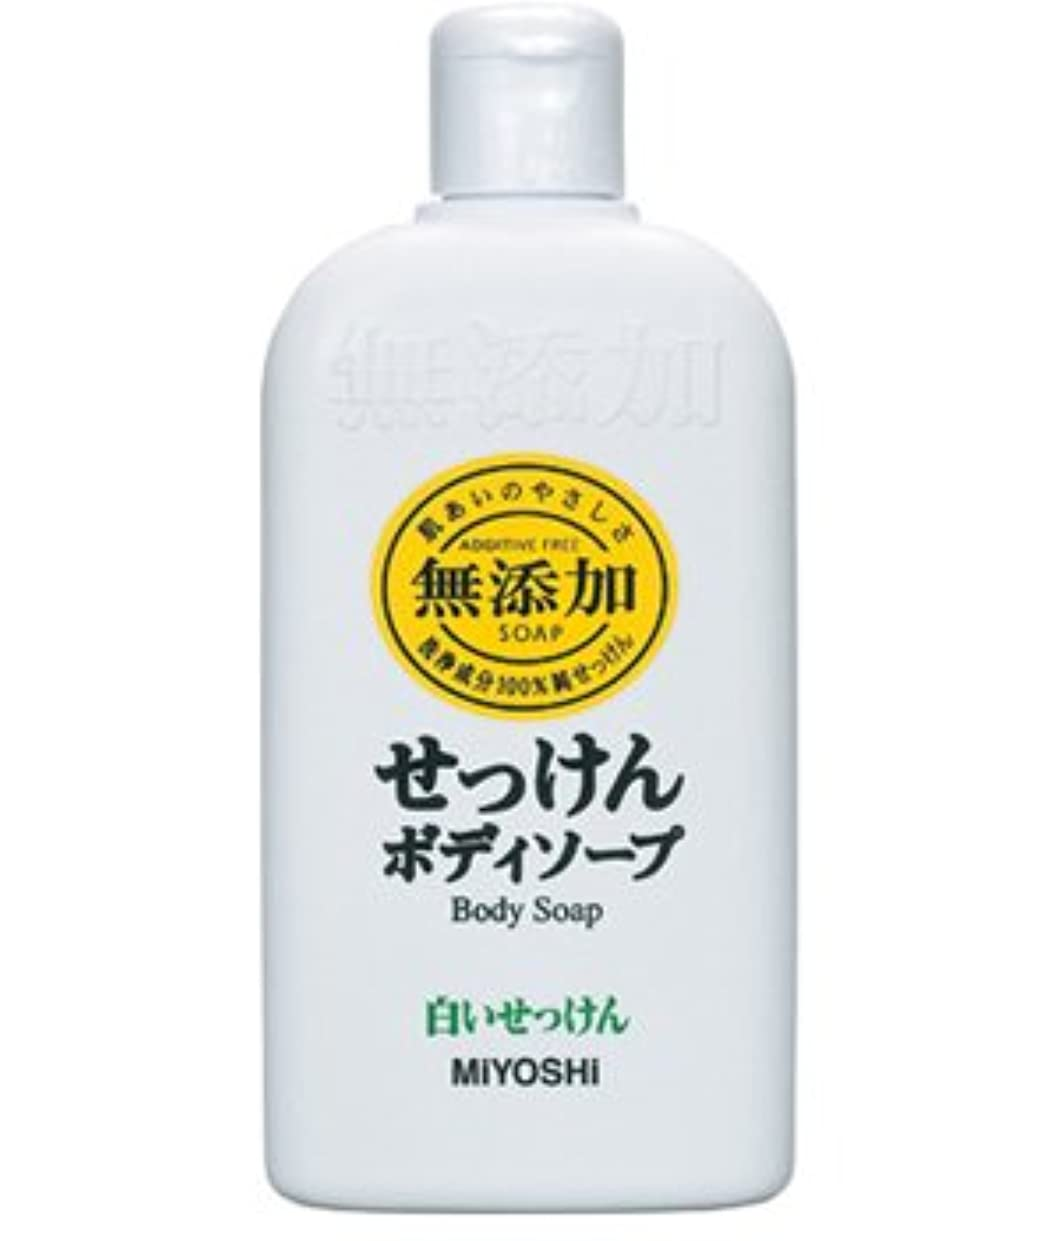 法律により移動するバリーミヨシ石鹸 無添加 ボディソープ 白い石けん レギュラー 400ml(無添加石鹸)×20点セット (4904551100324)